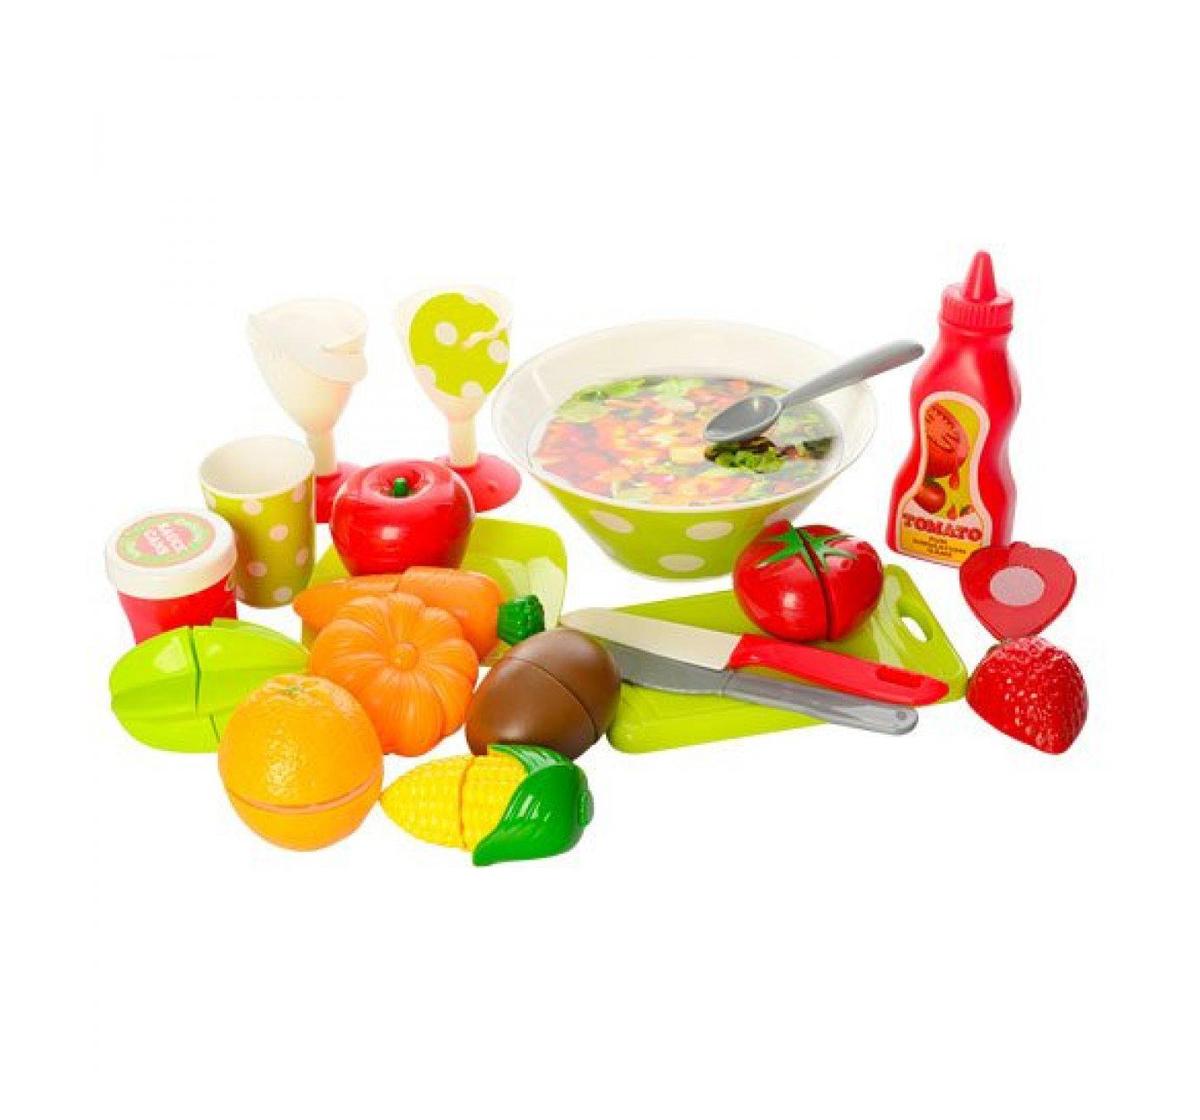 Comdaq   Comdaq Fruit Set for Kids age 3Y+